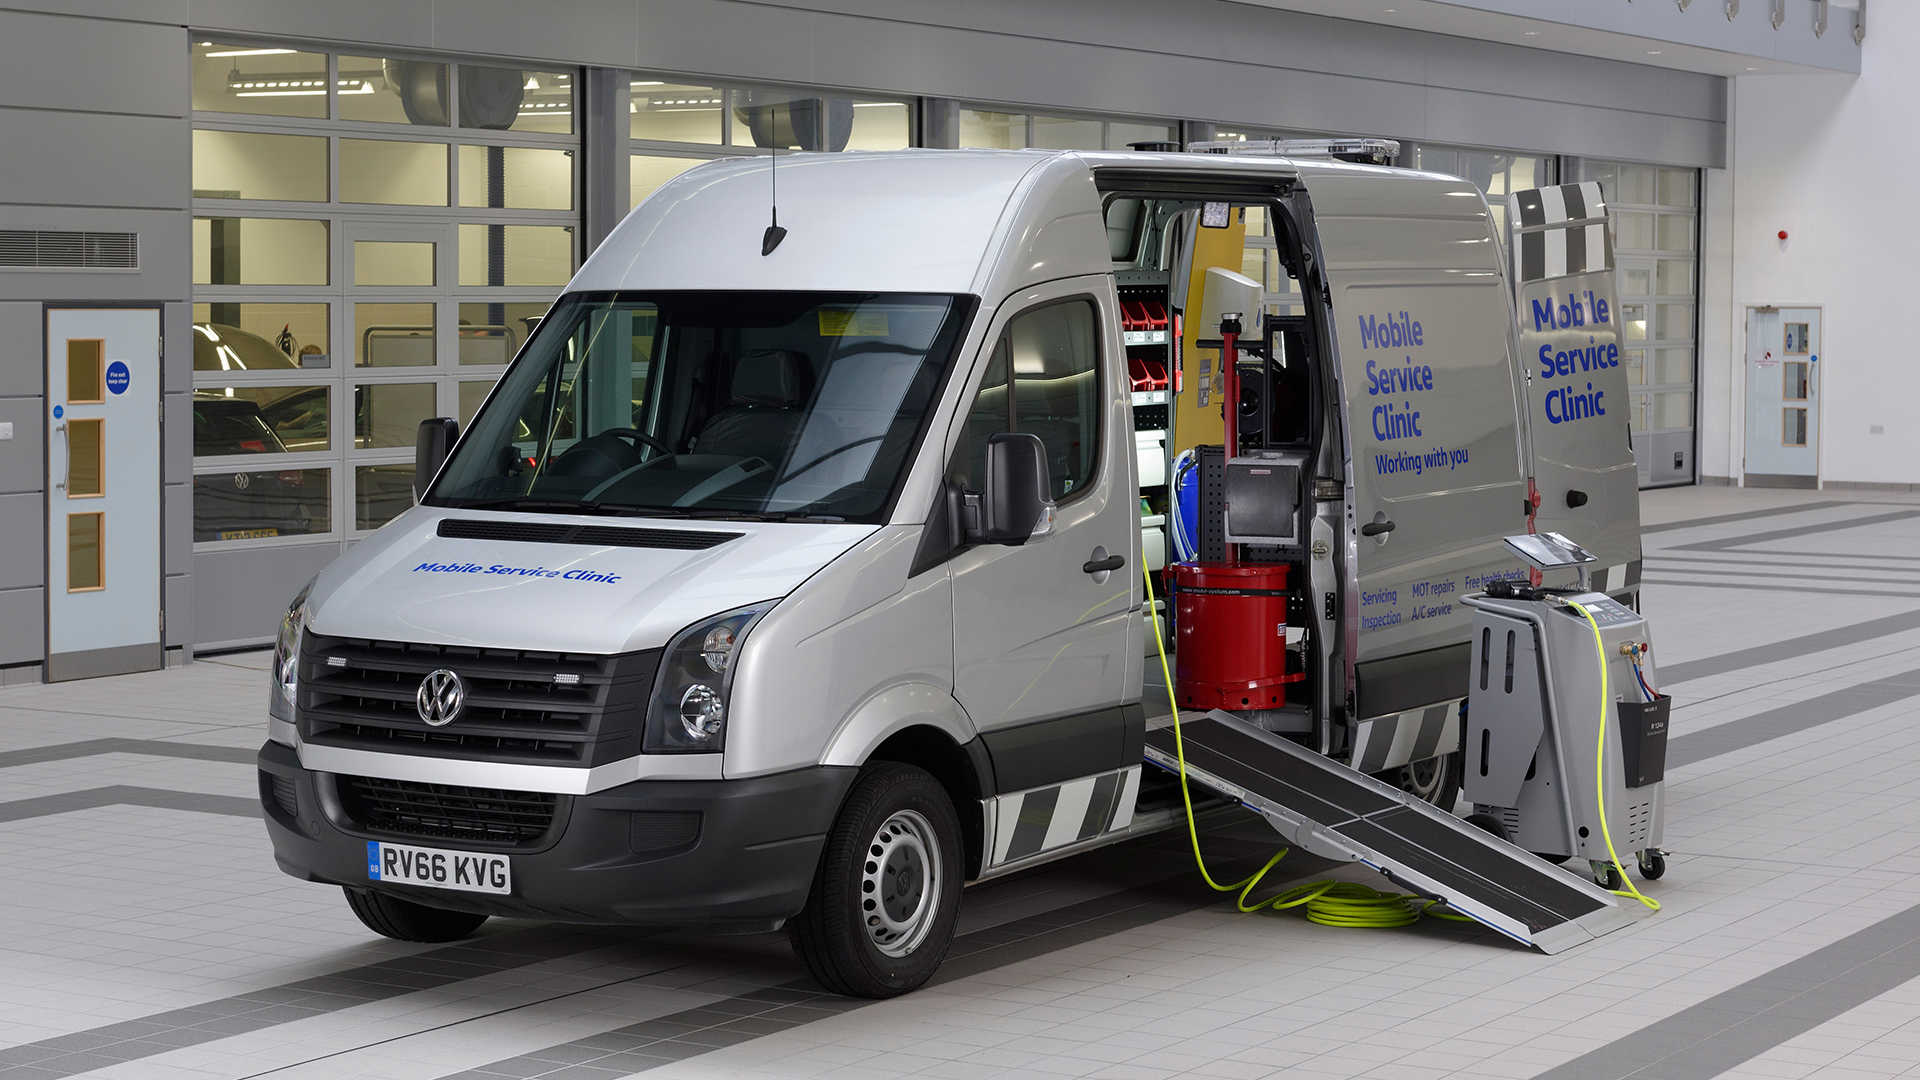 Mobile Van Servicing Clinic | Lookers Van Centres